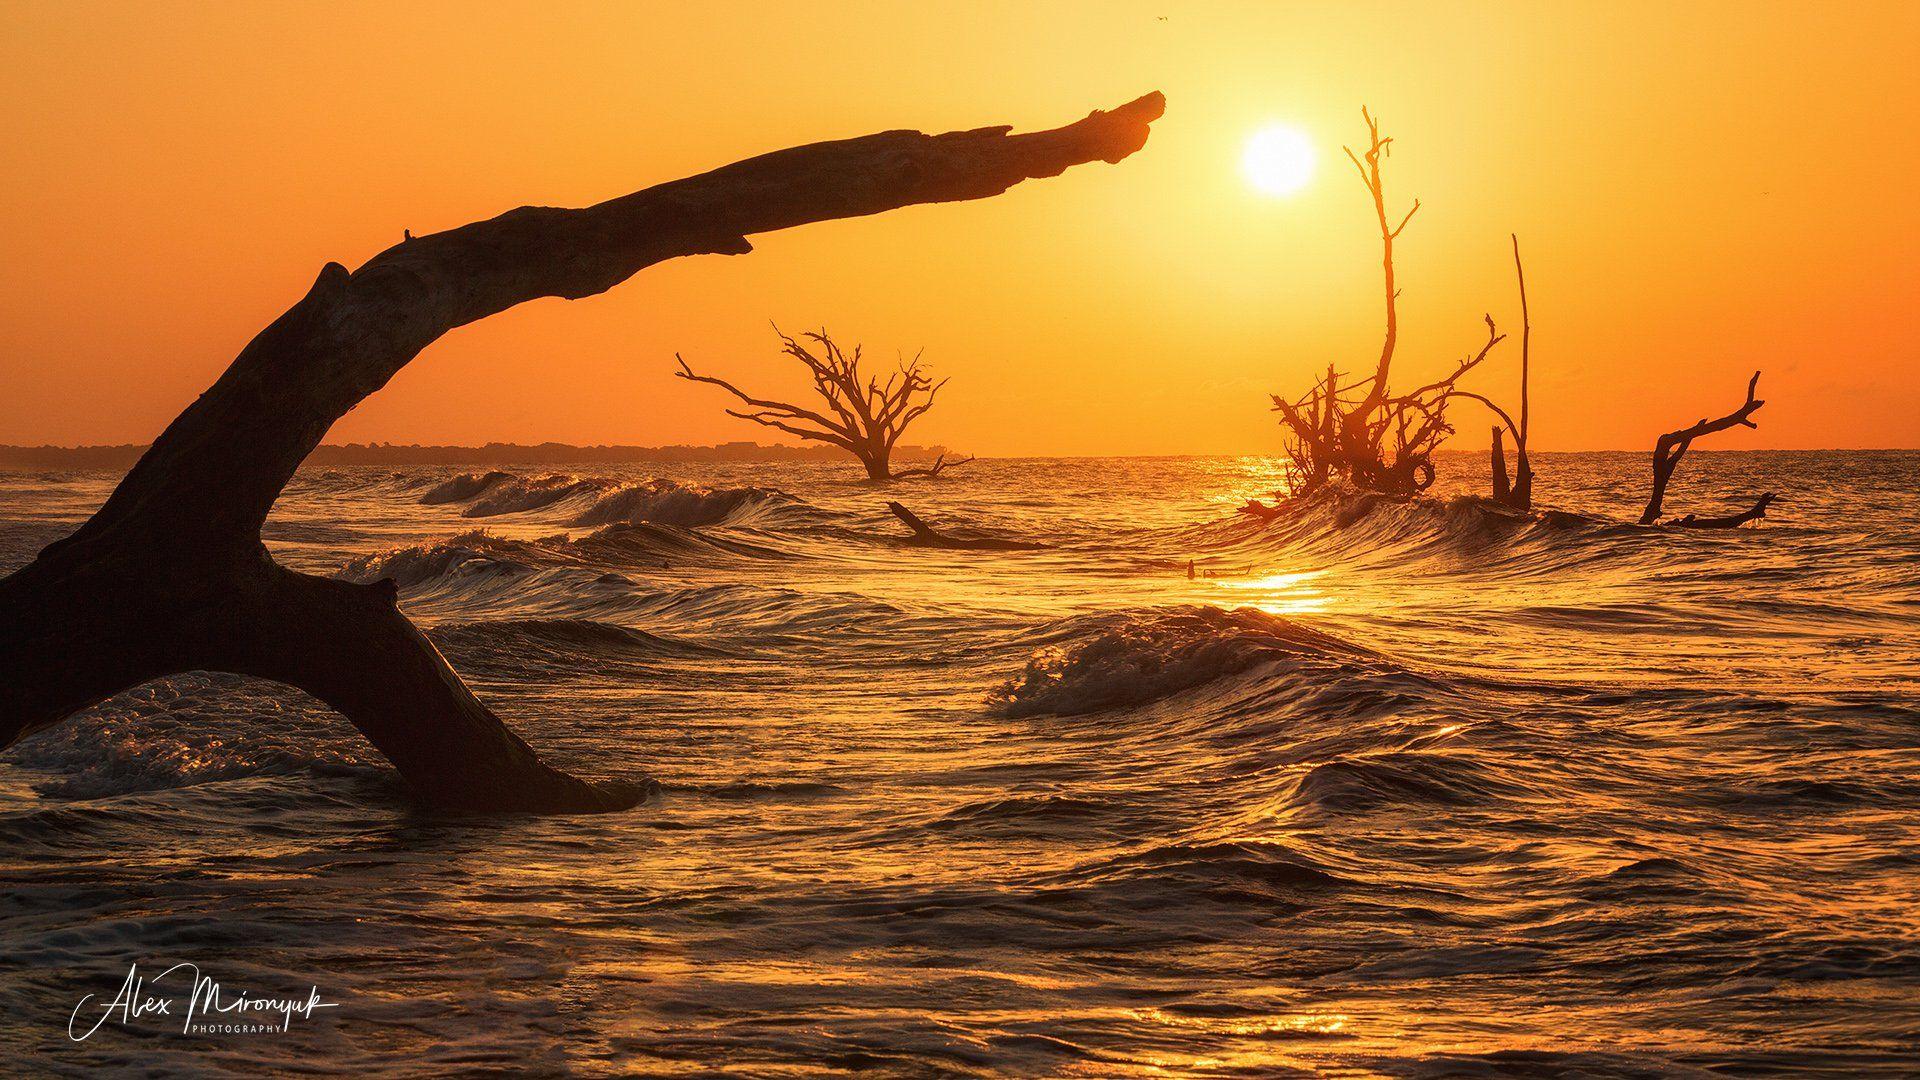 пляж, дерево, рассвет, солнце, океан, море, сухое дерево,, Alex Mironyuk